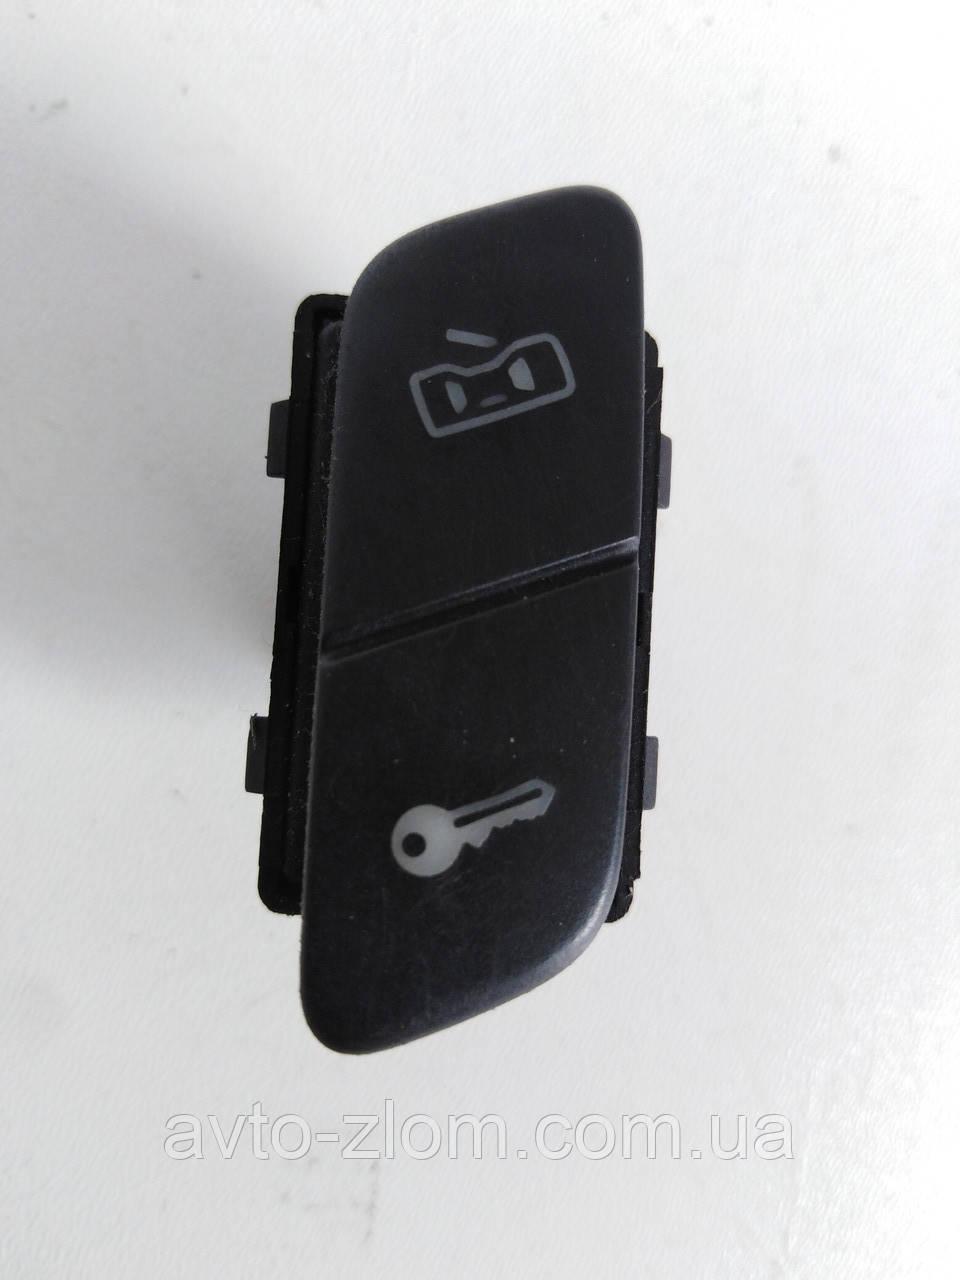 Кнопка блокировки дверей Volkswagen Polo 9N, Поло. 6Q1962125.